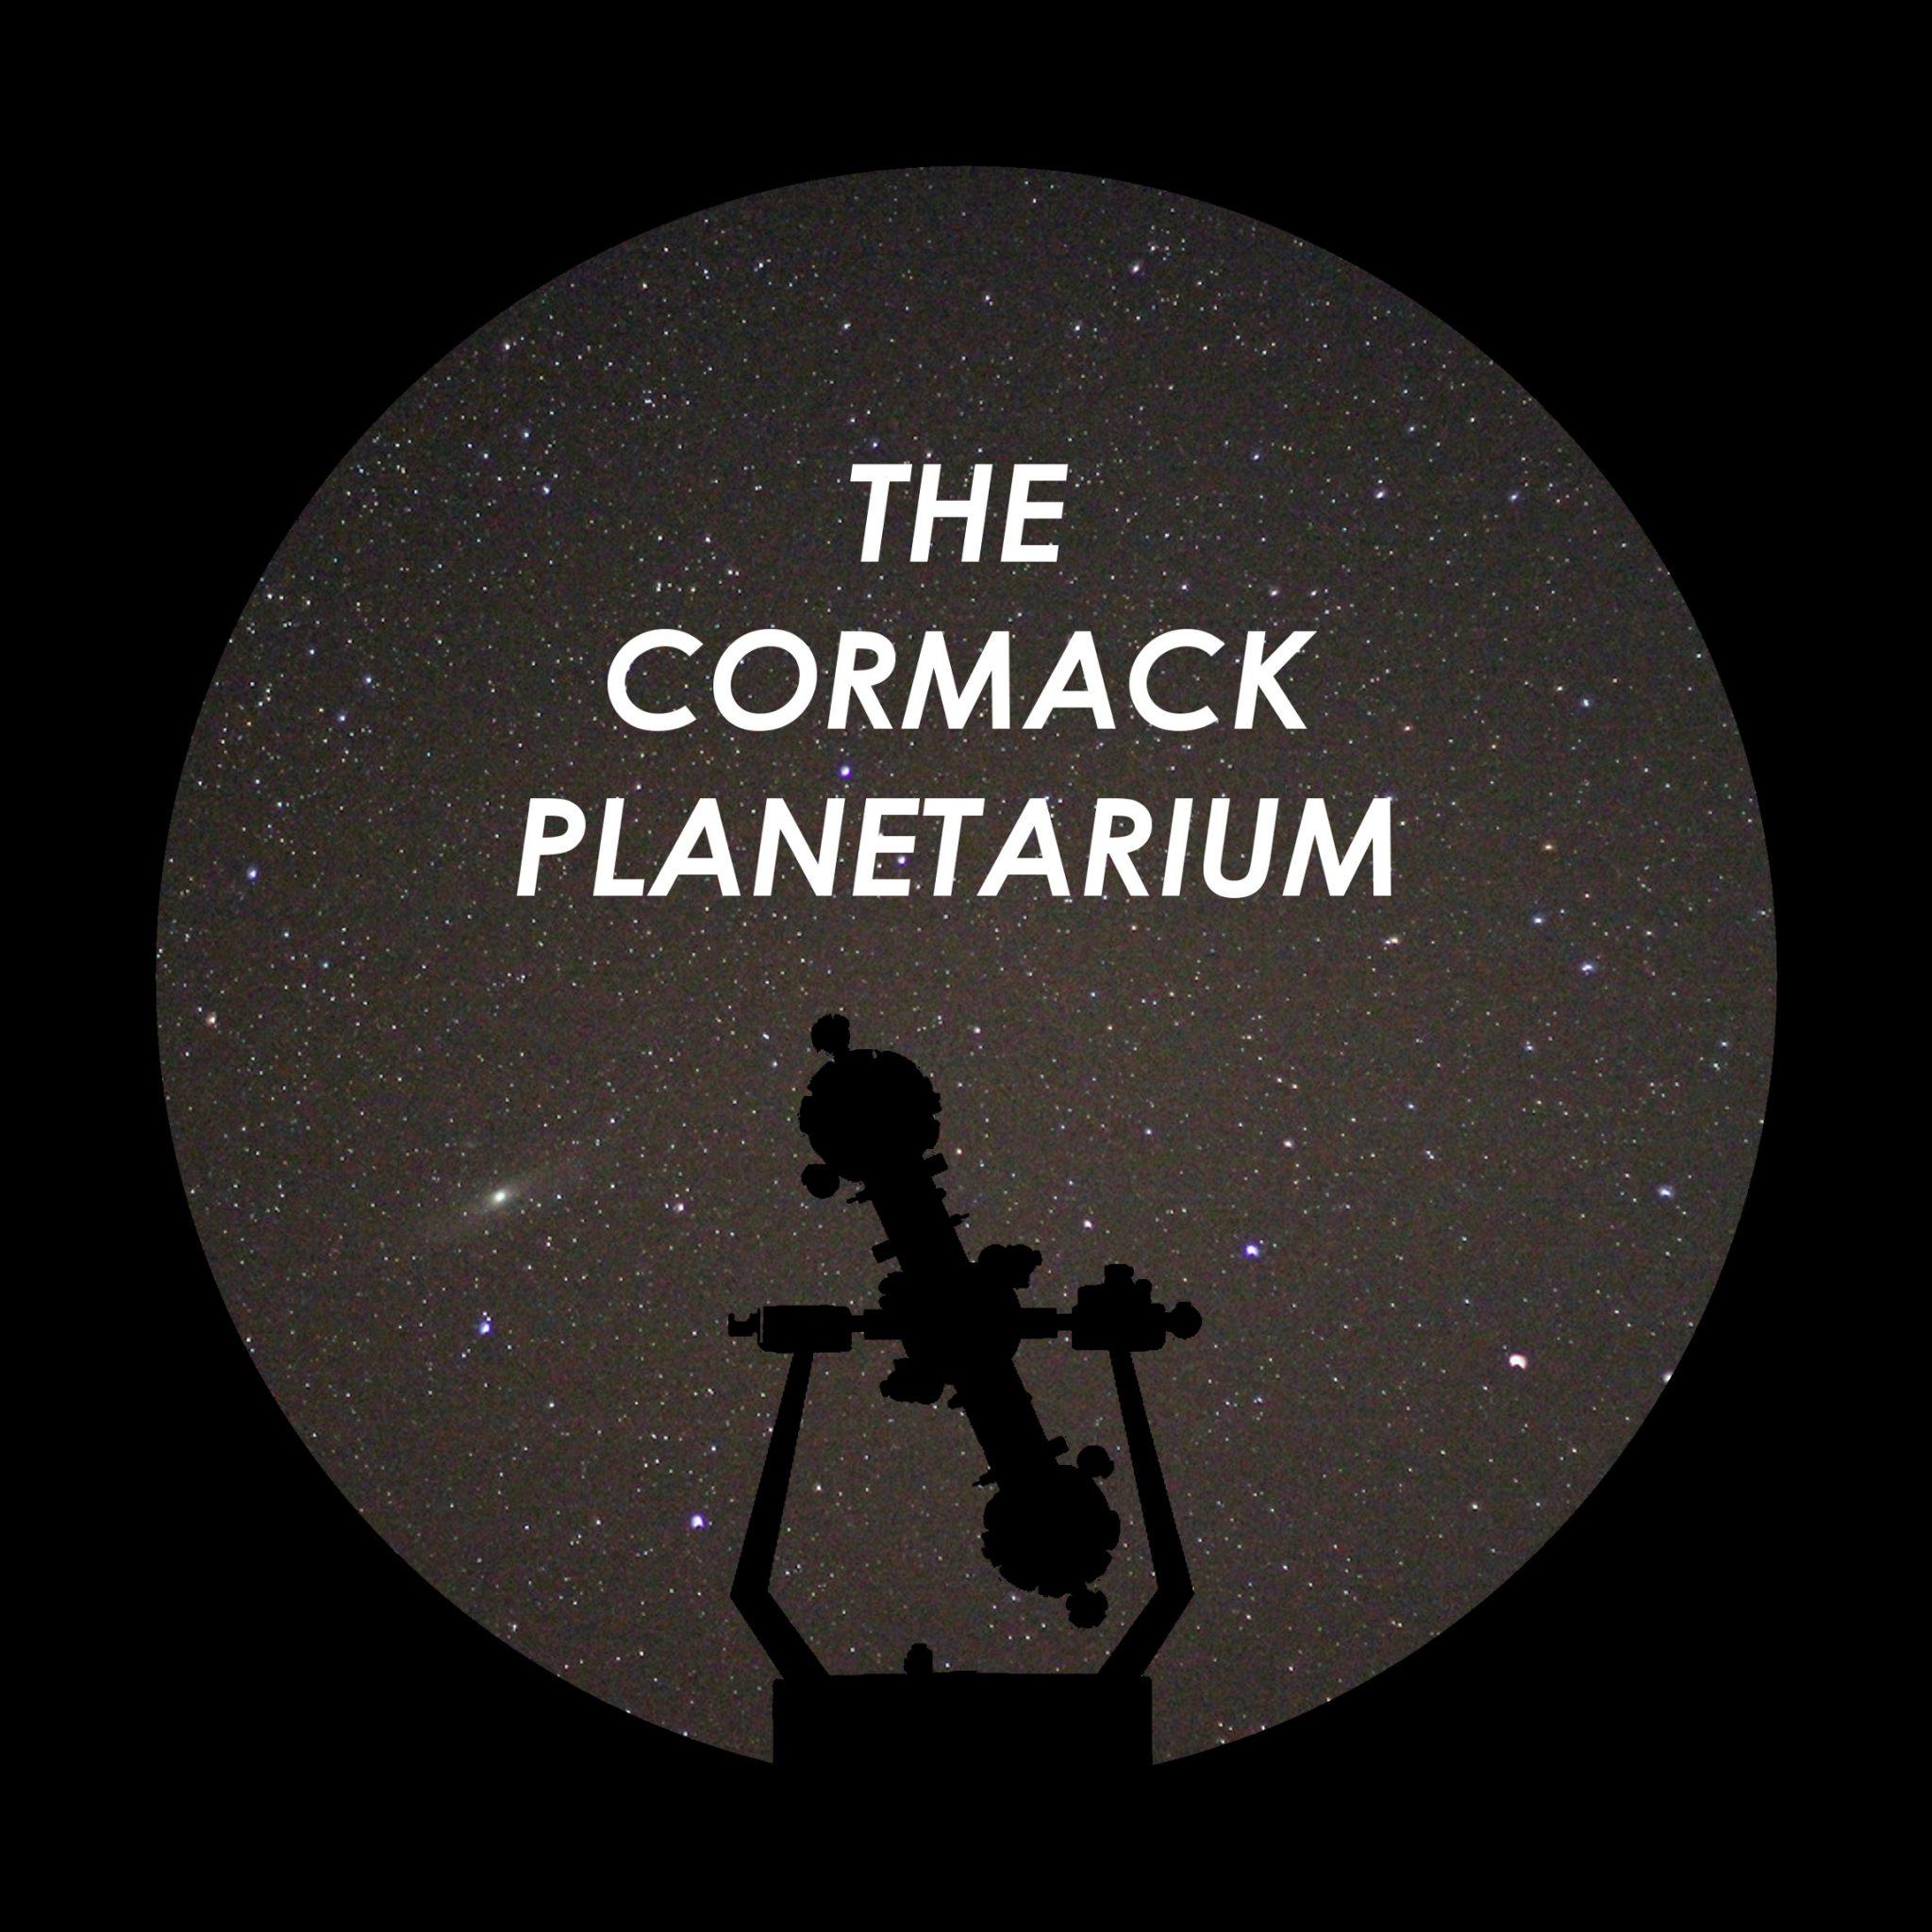 Cormack Planetarium